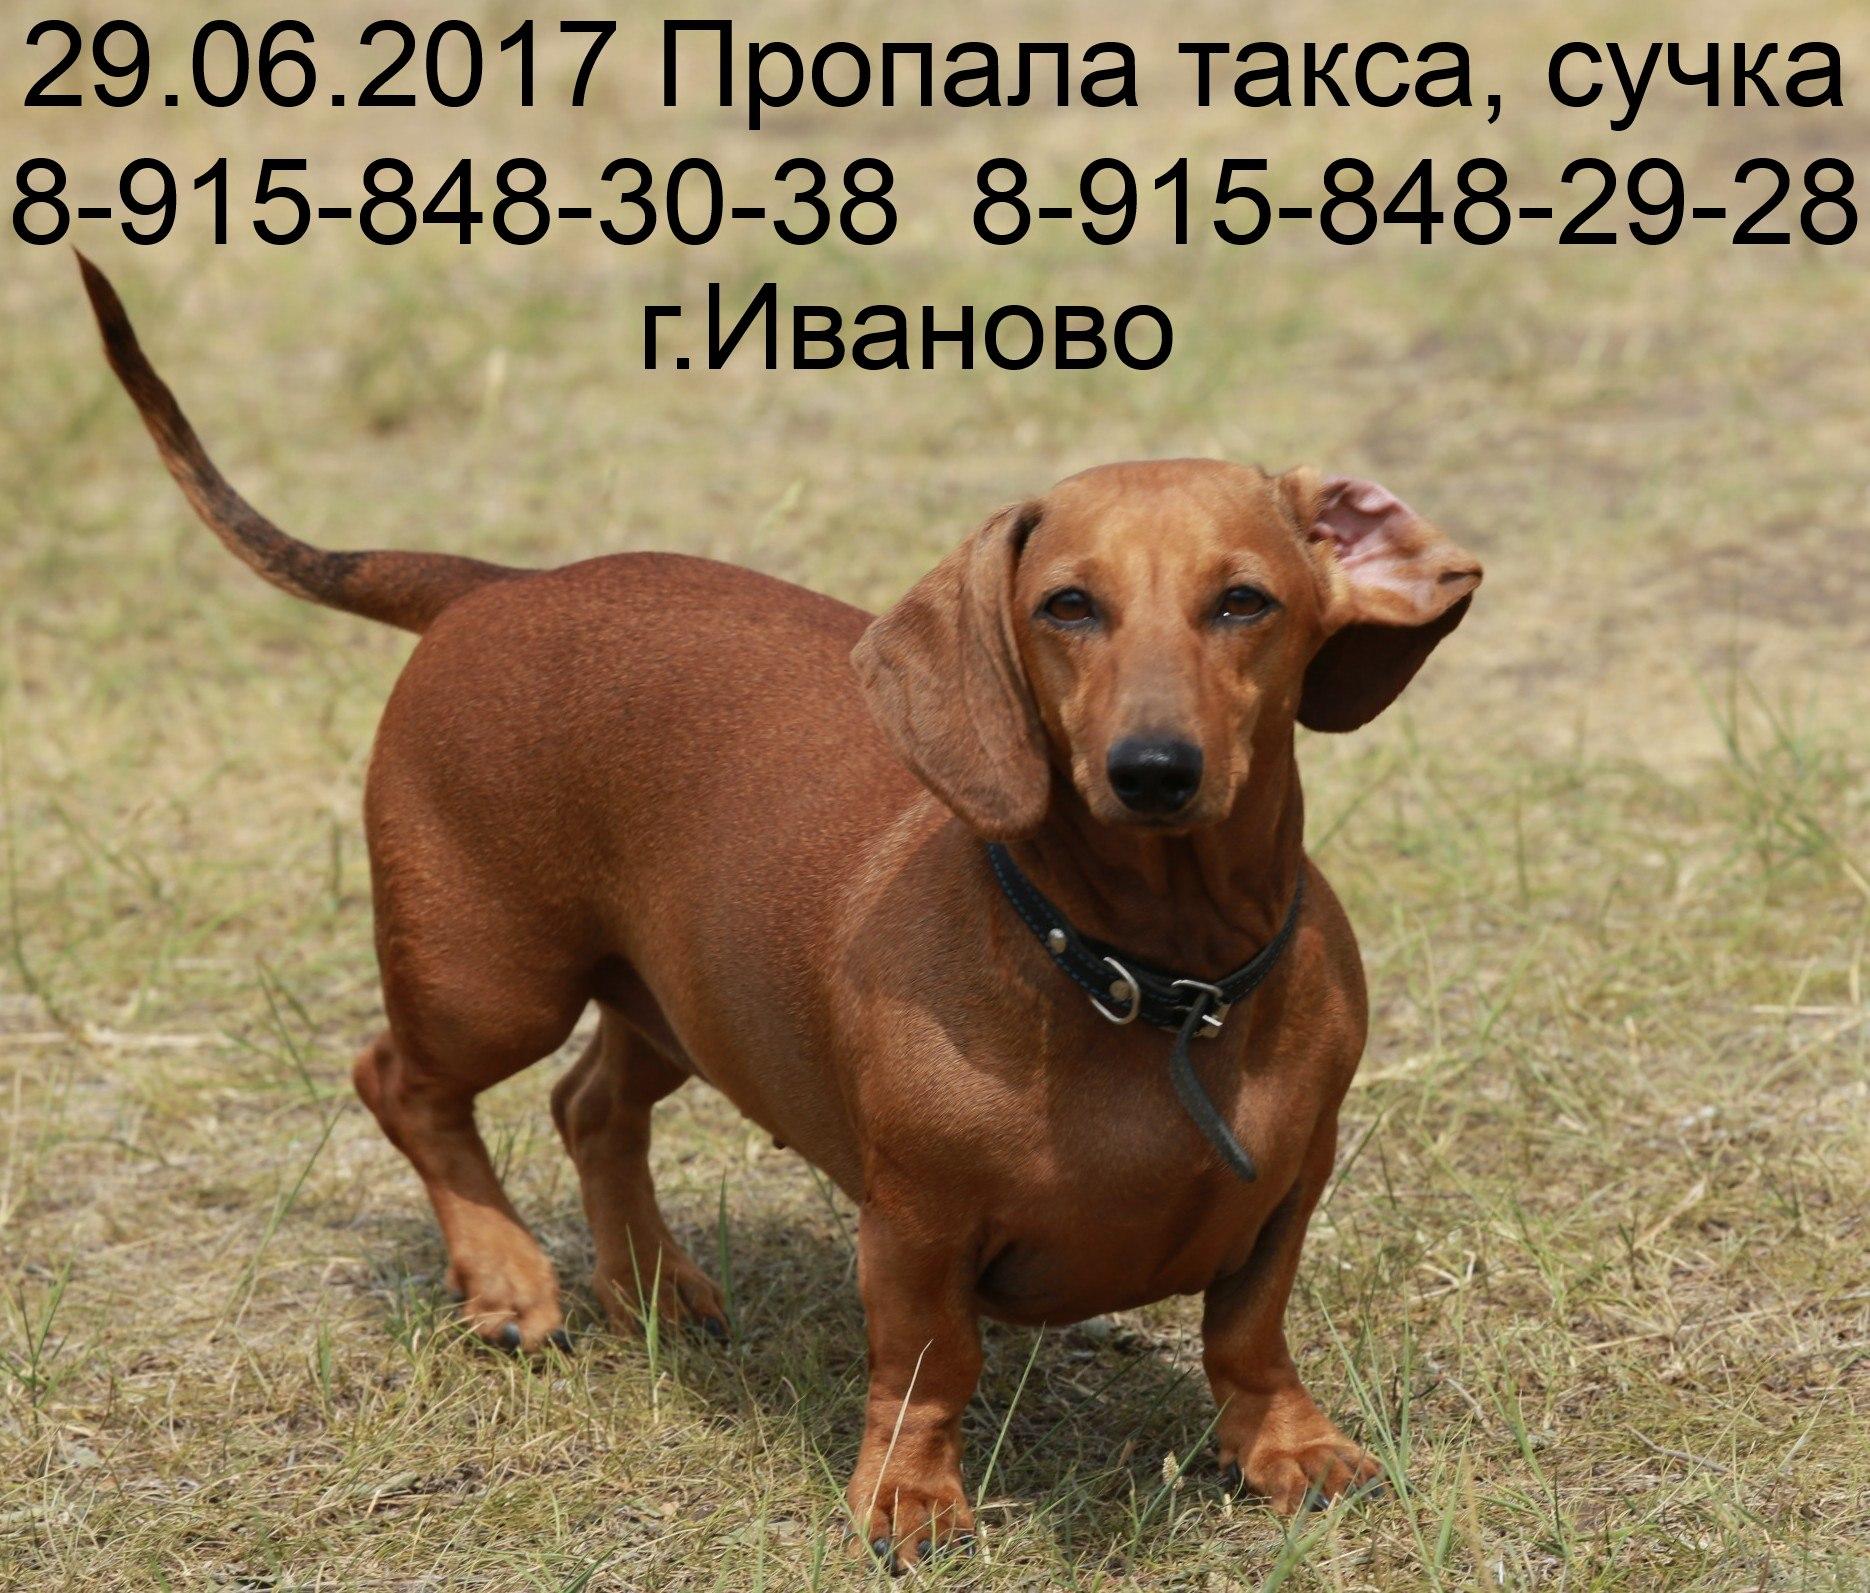 klichka-dlya-suchki-taksi